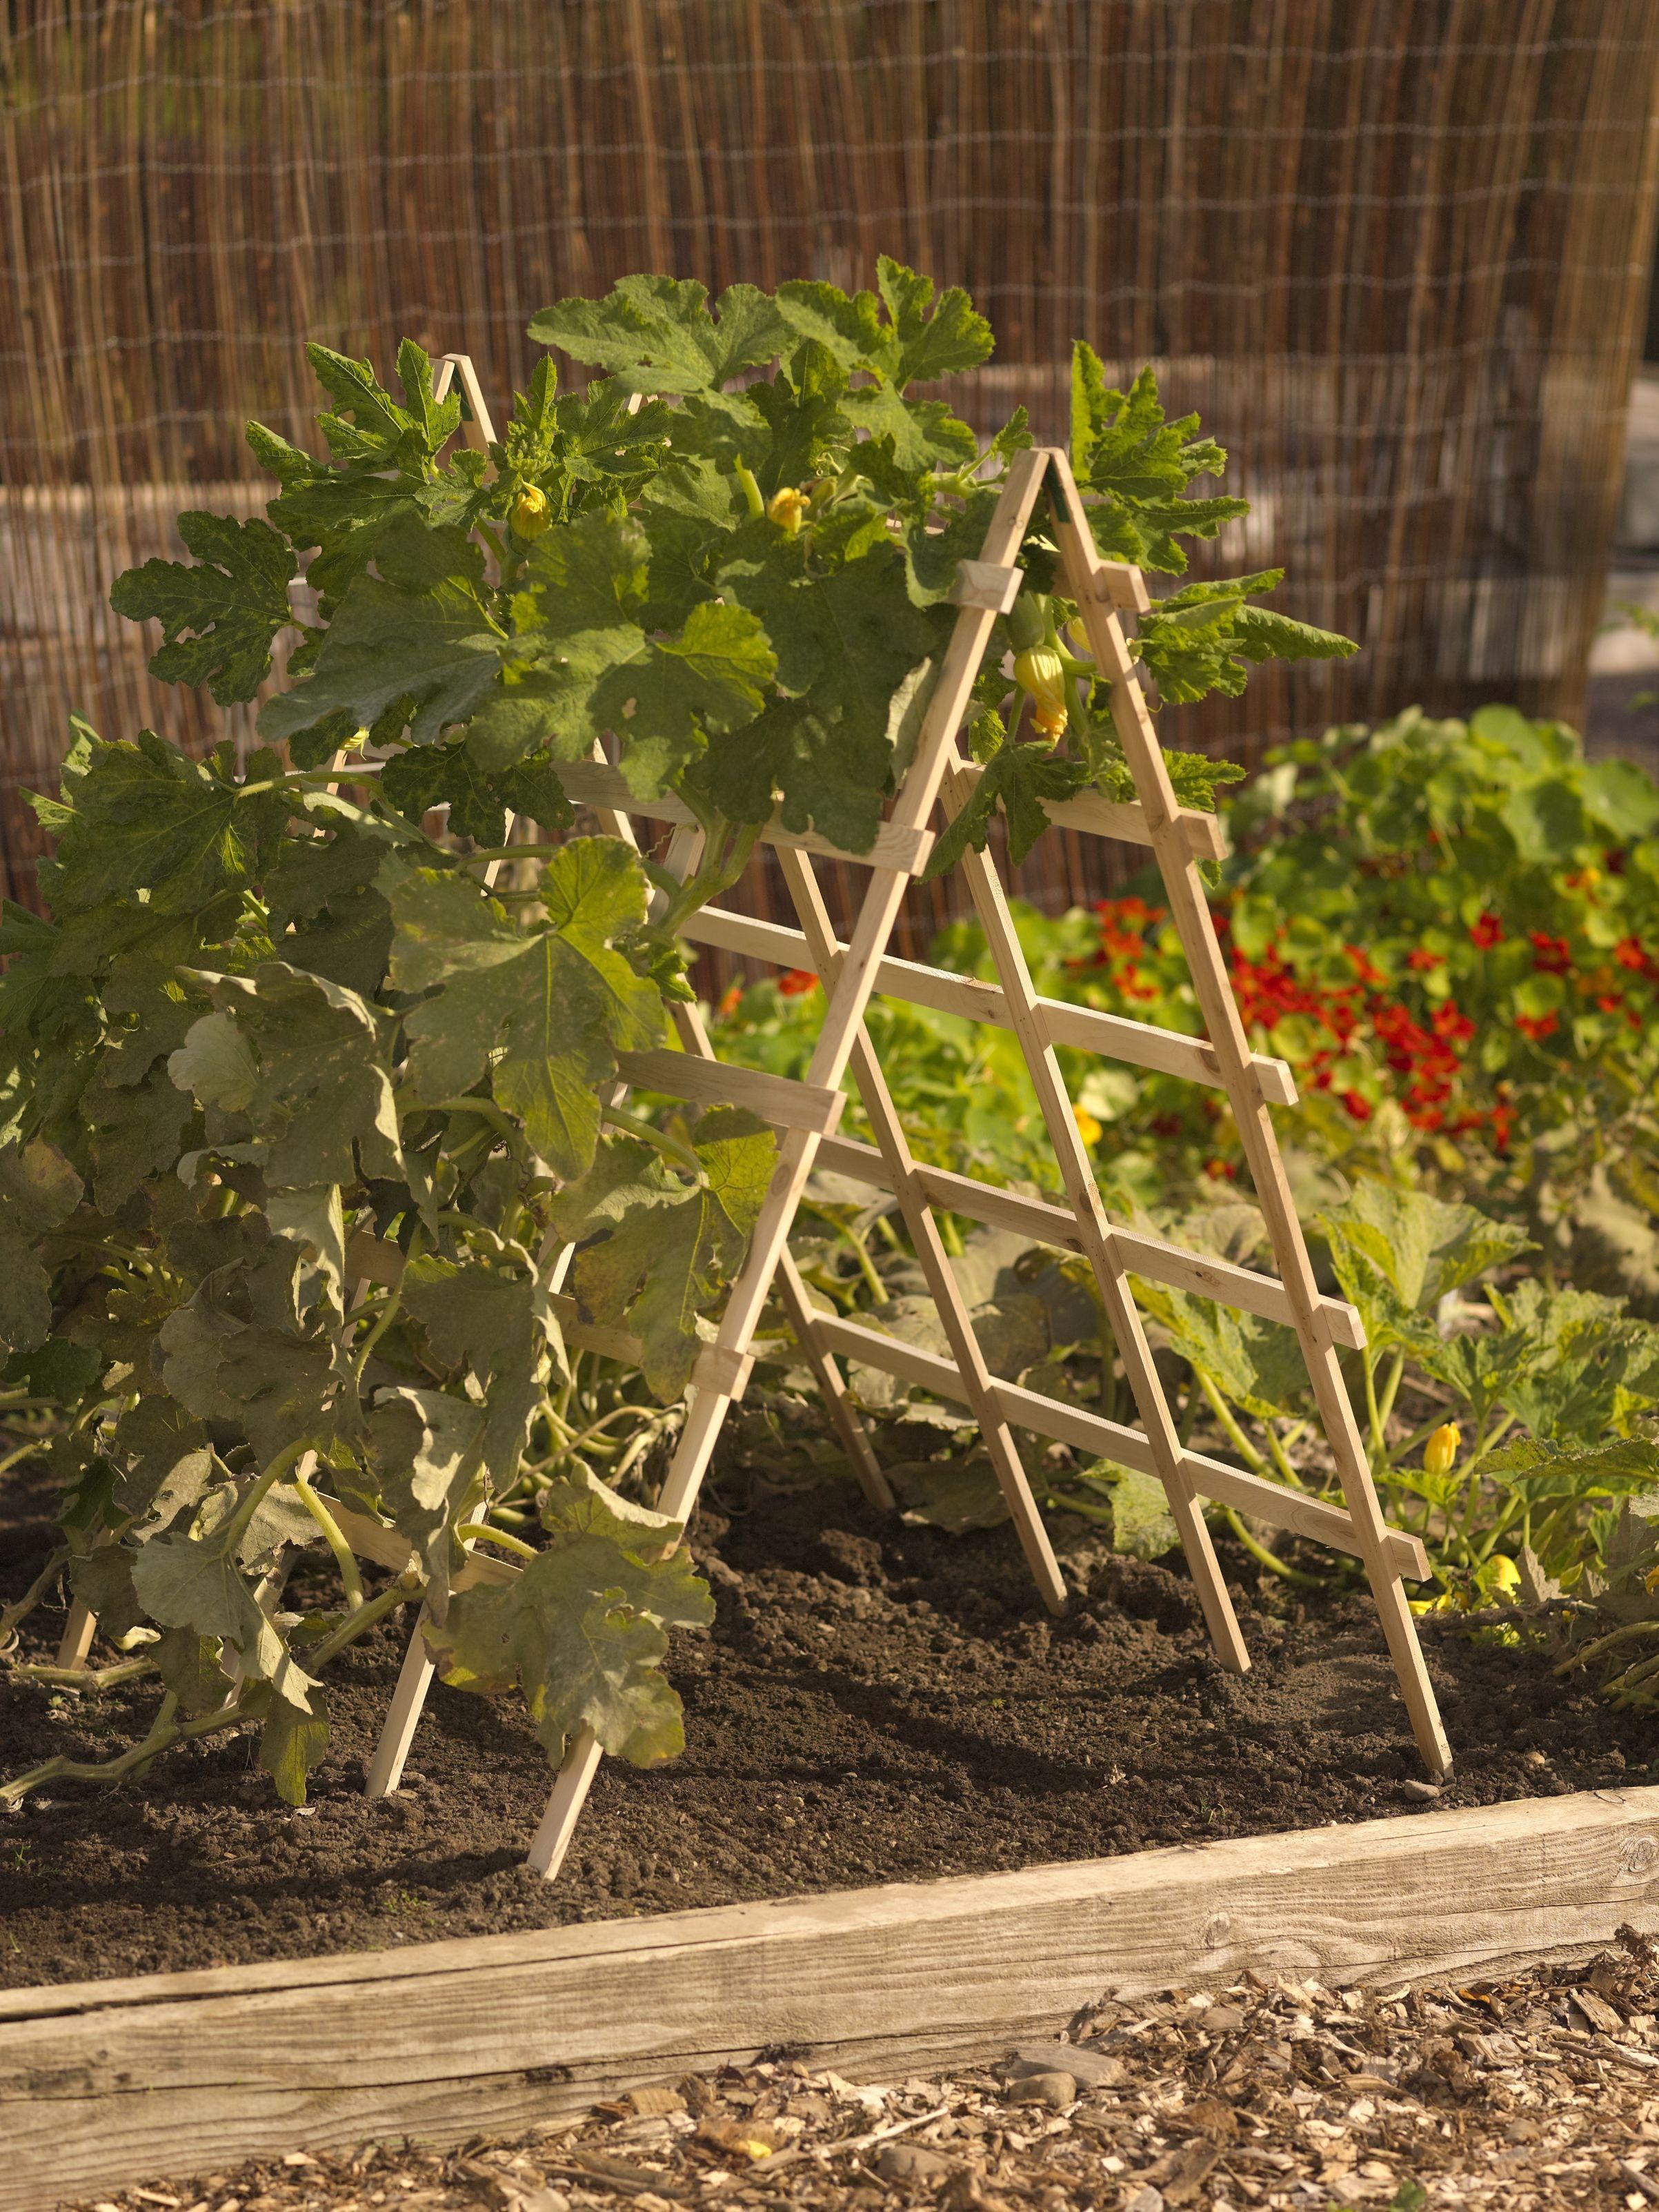 cedar a frame squash support jardin pinterest les l gumes support et l gumes. Black Bedroom Furniture Sets. Home Design Ideas